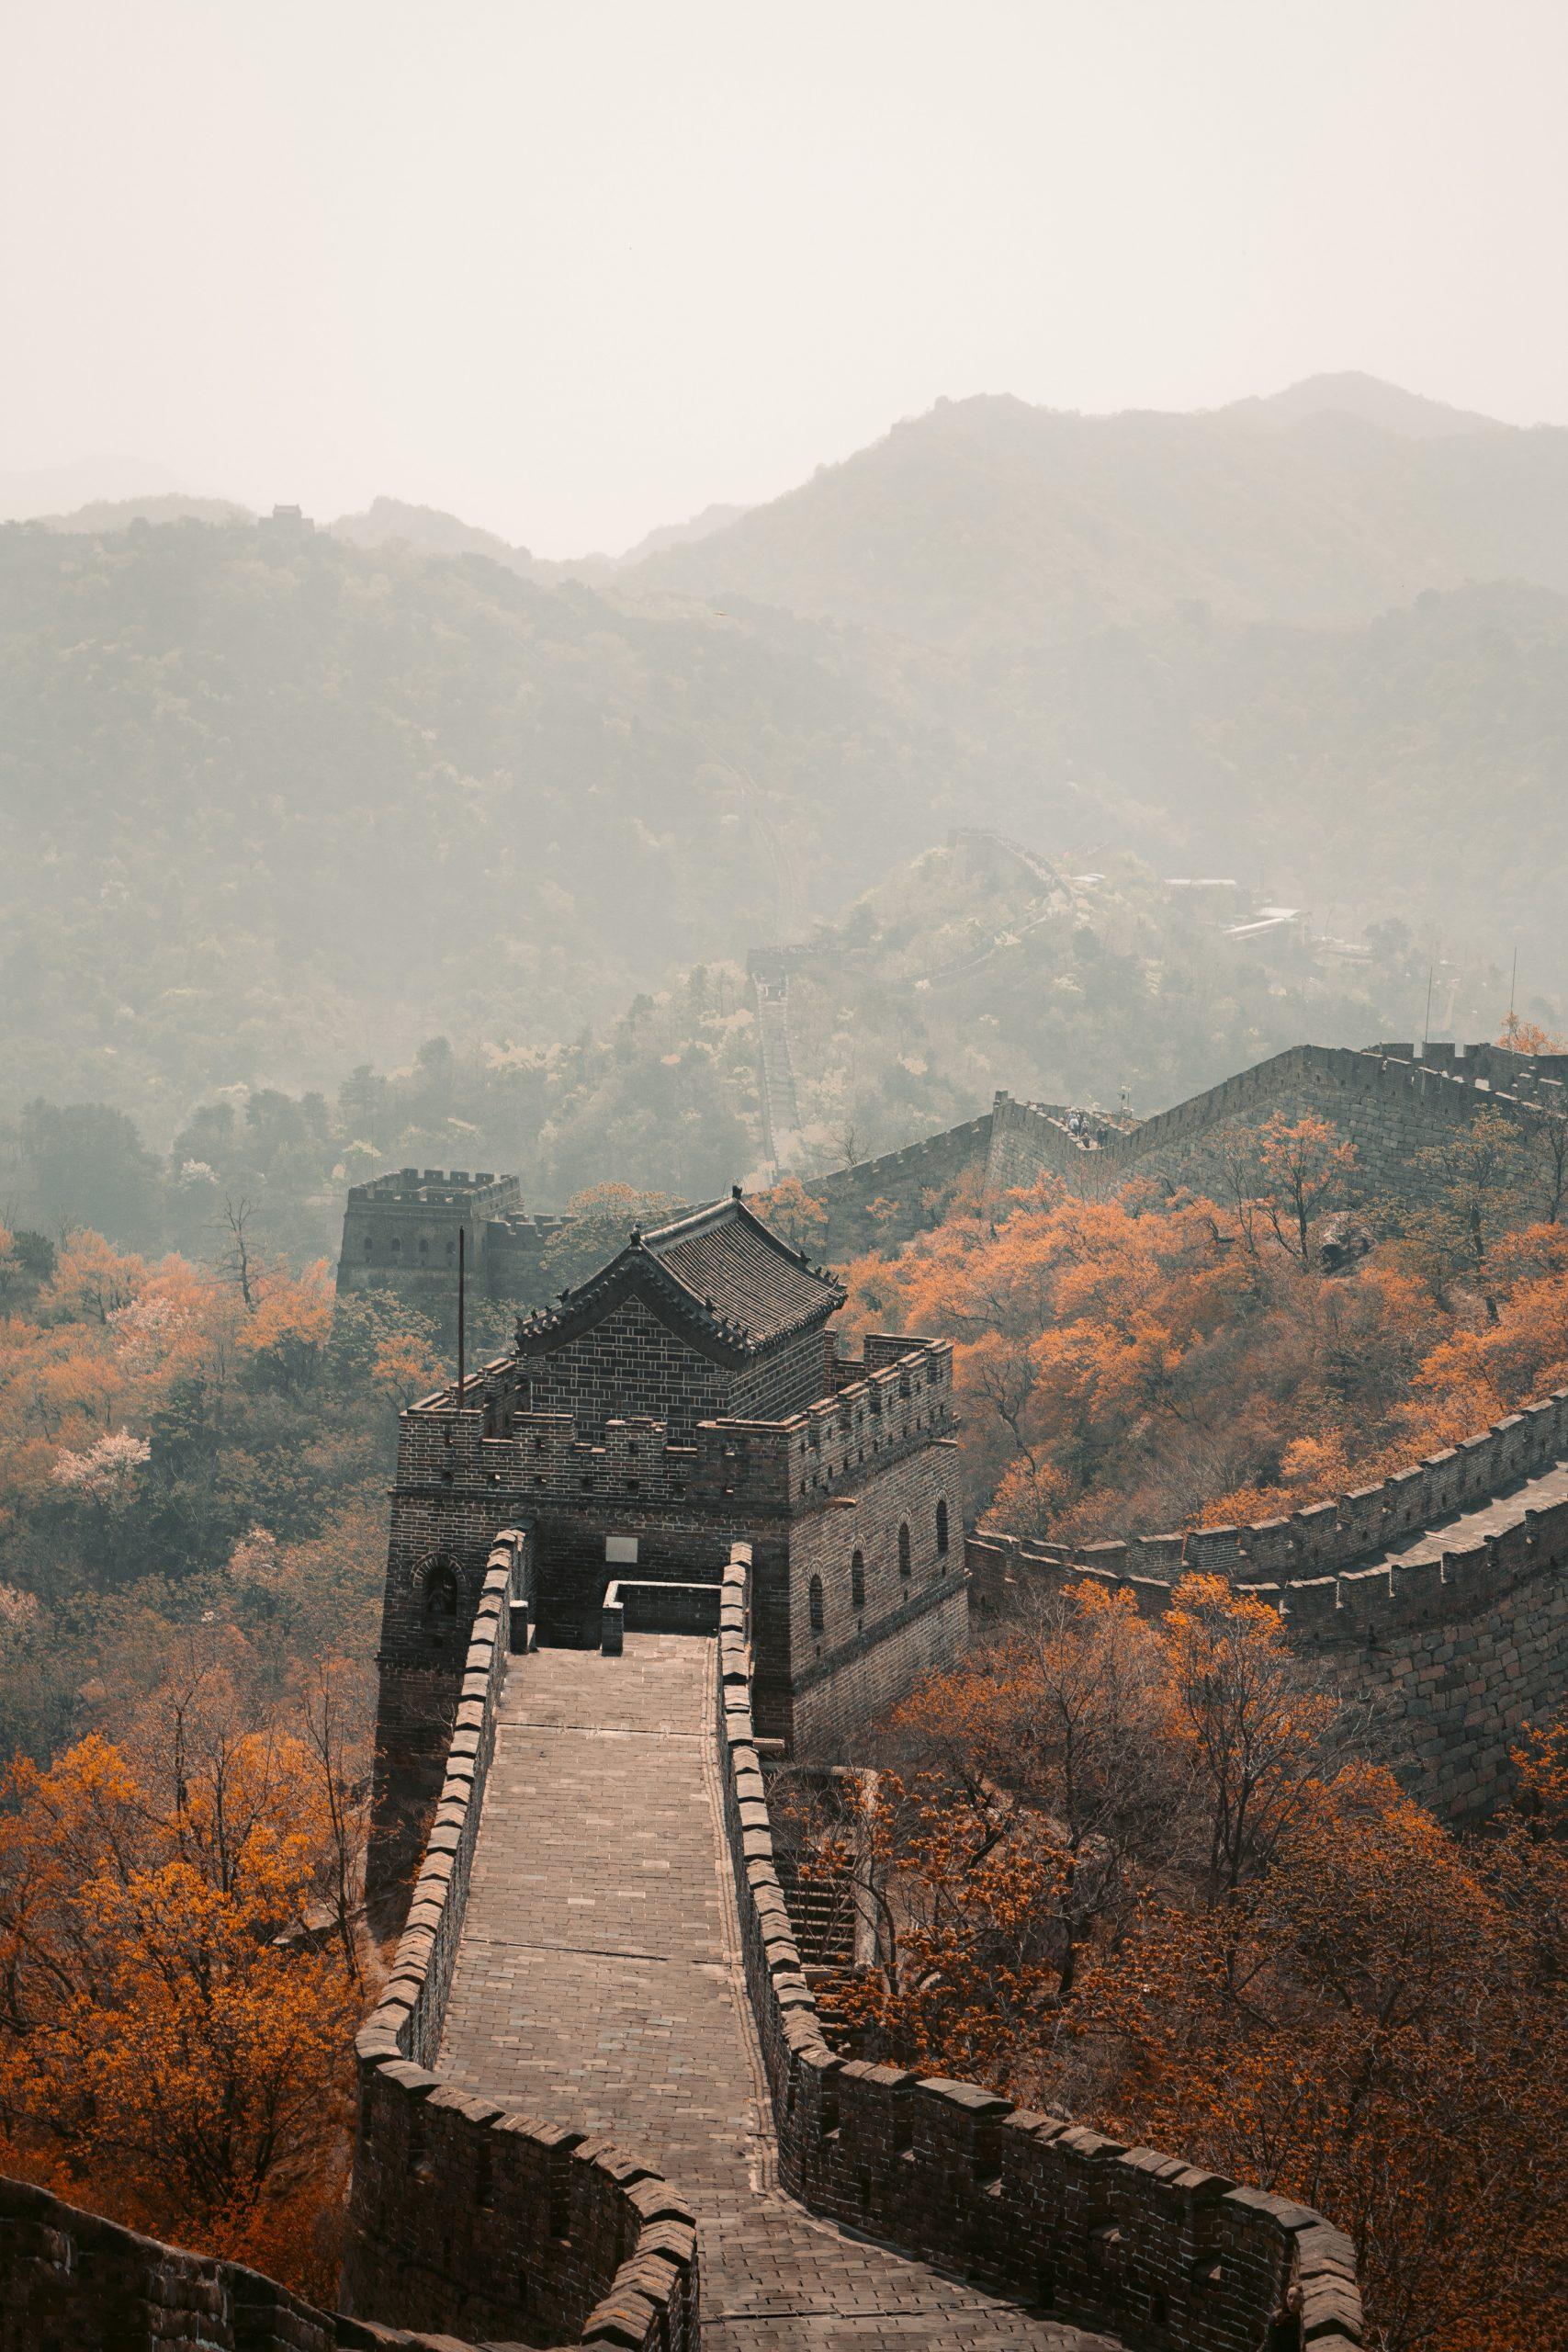 FÖRSTÅ VAD SOM HÄNDER I KINA: Dags att gå på djupet